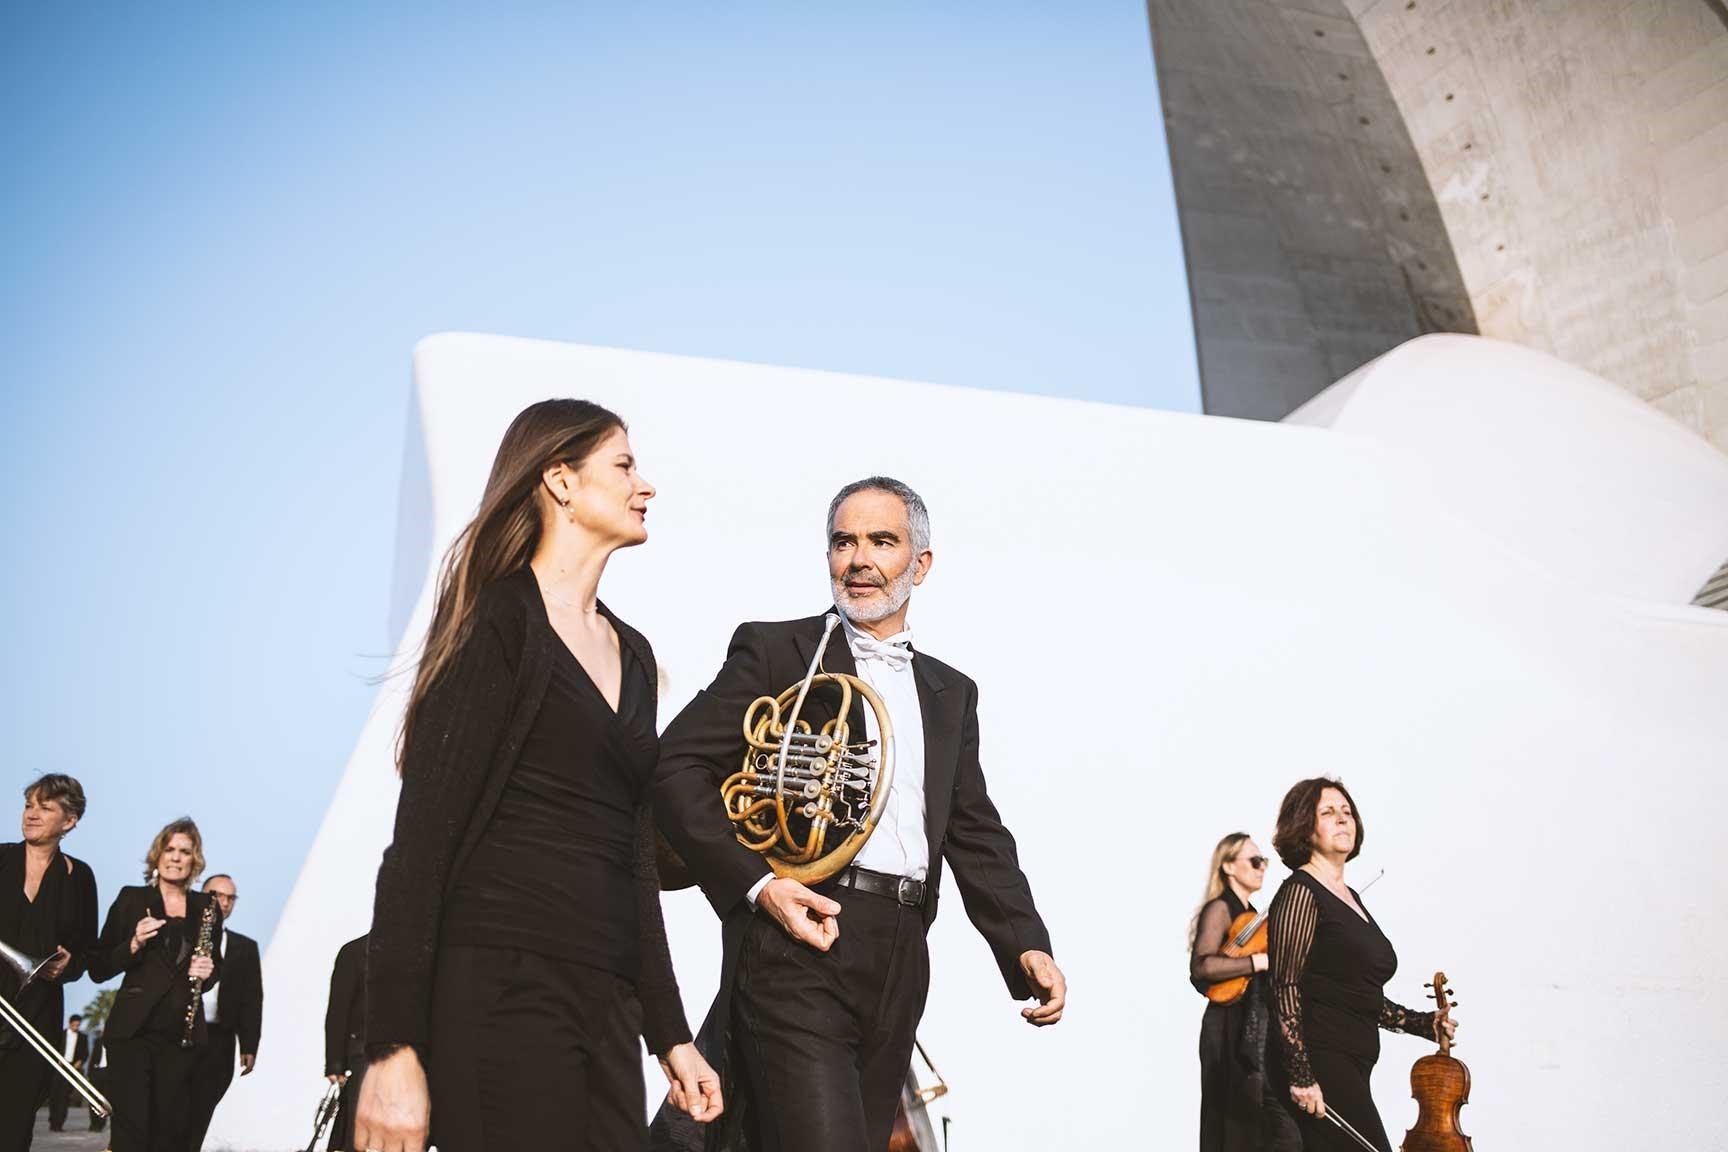 El Abono de Invierno de la Sinfónica de Tenerife incluye tres conciertos de temporada